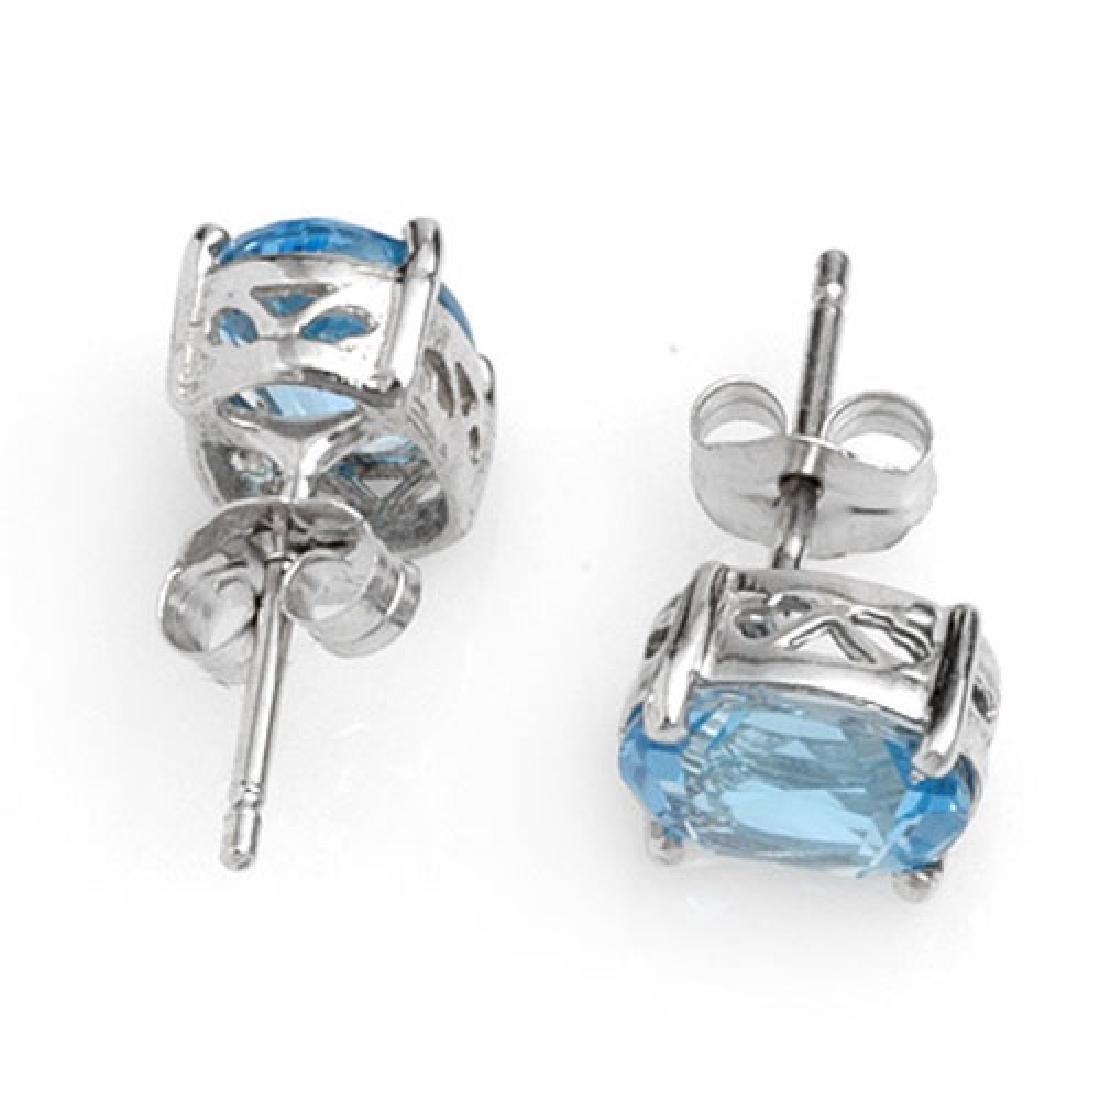 2.0 CTW Blue Topaz Earrings 18K White Gold - 2